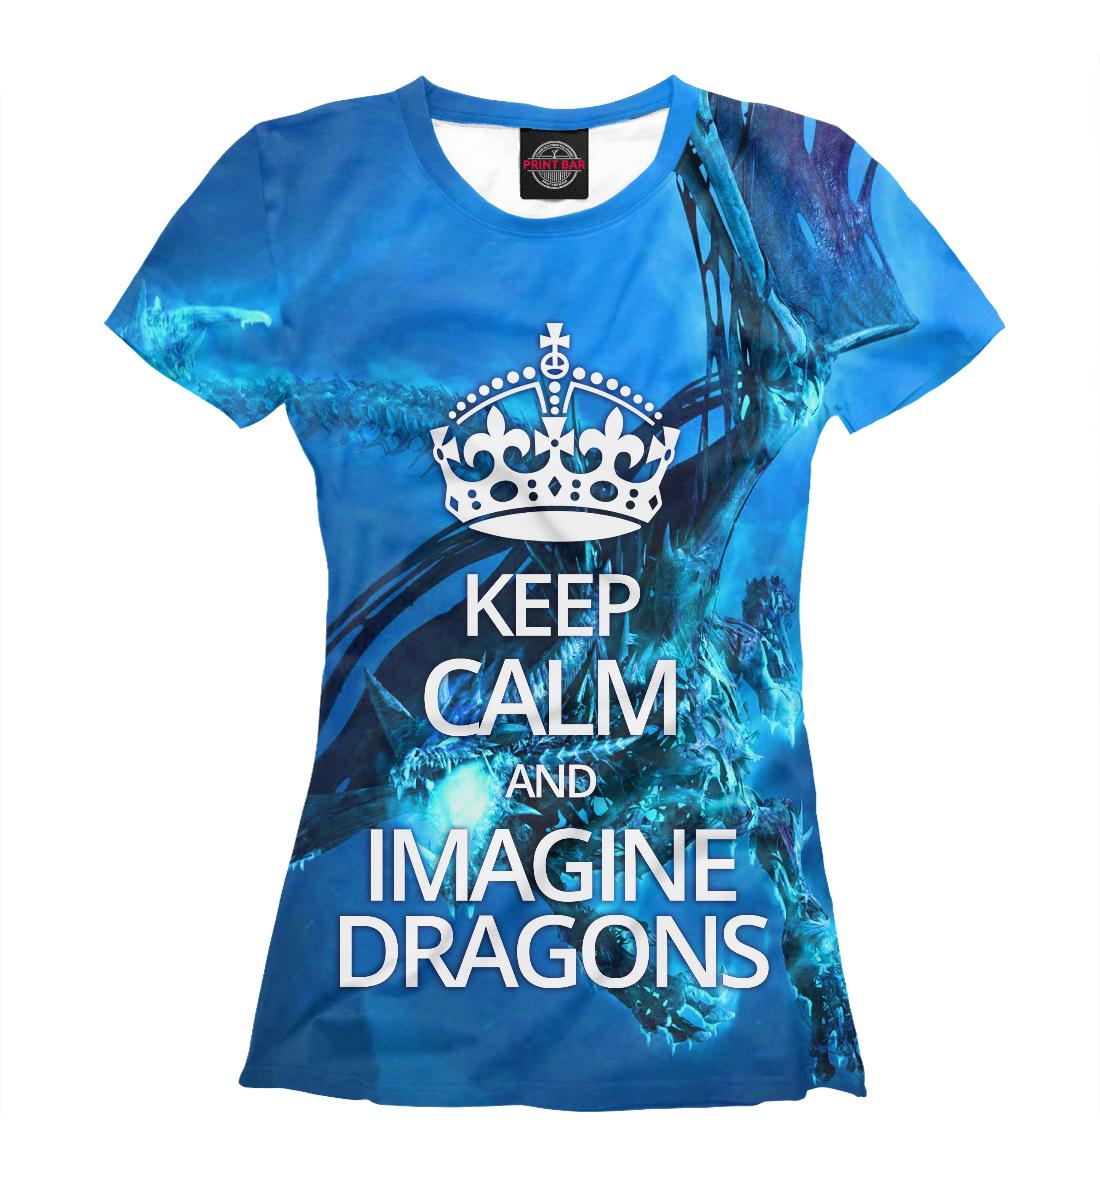 Купить Imagine Dragons, Printbar, Футболки, IMA-631366-fut-1